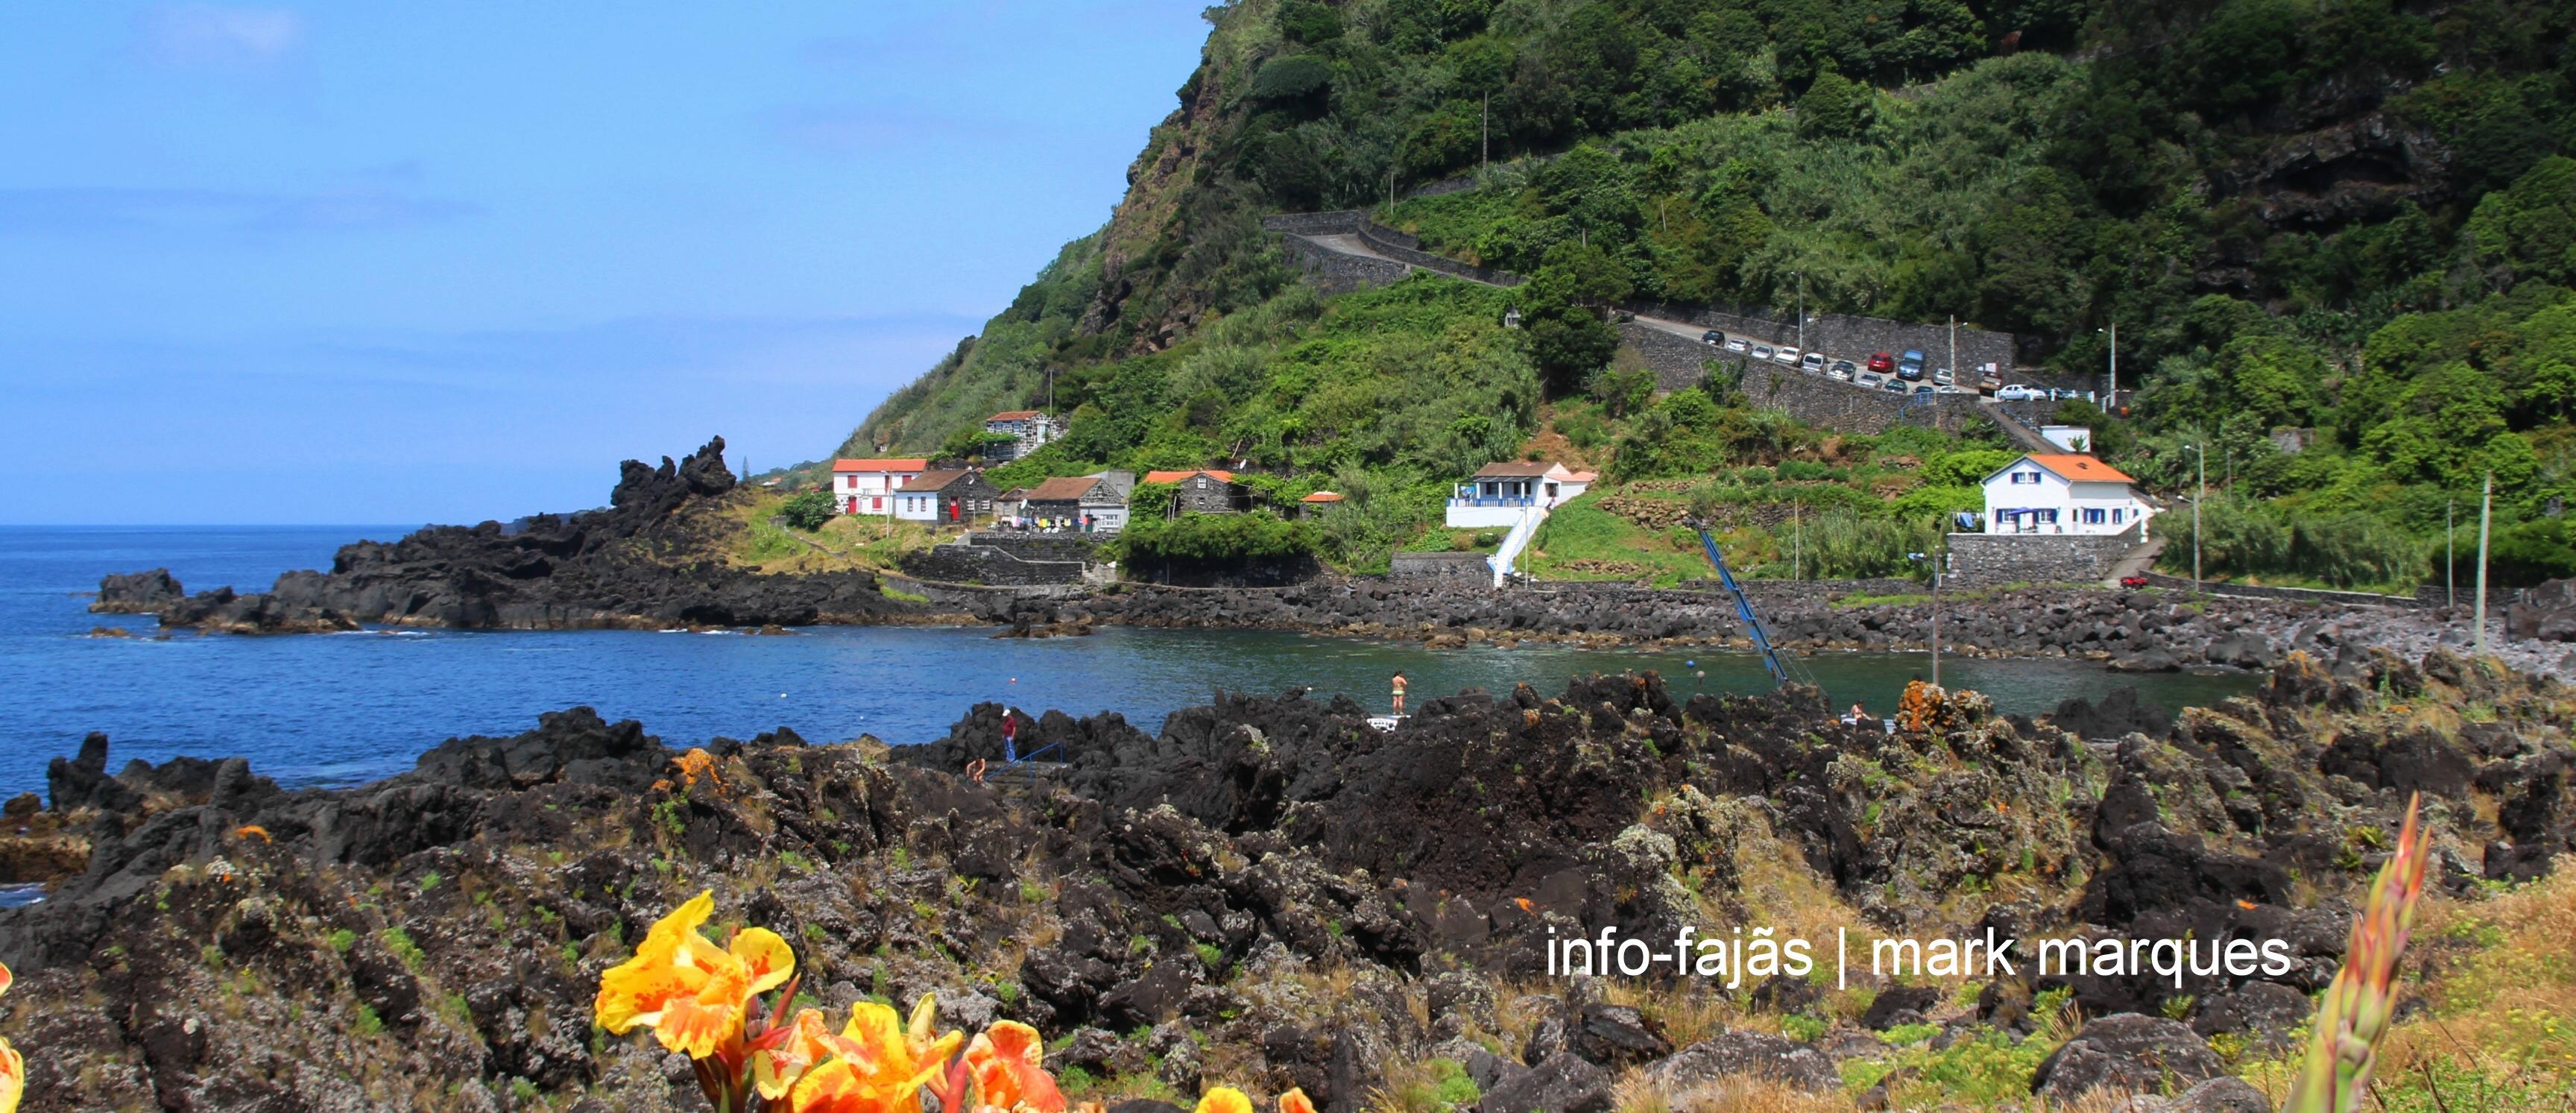 FAJÃ DAS ALMAS – Ilha de São Jorge (Açores)